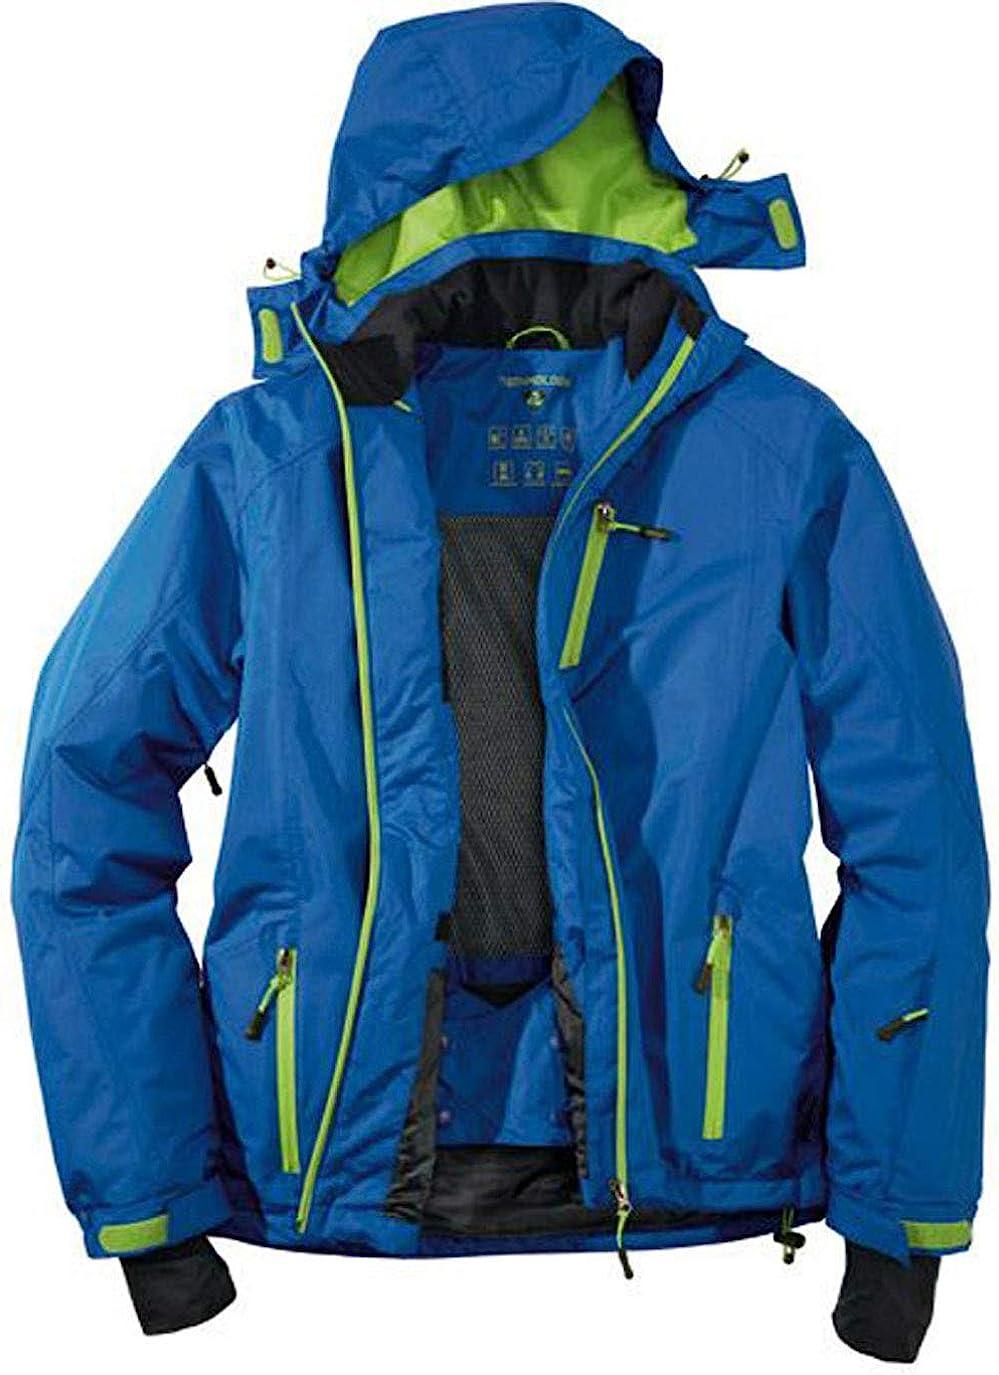 Crivit Pro Herren Skijacke Wintersport Winterjacke Jacke Kapuze Wasserdicht